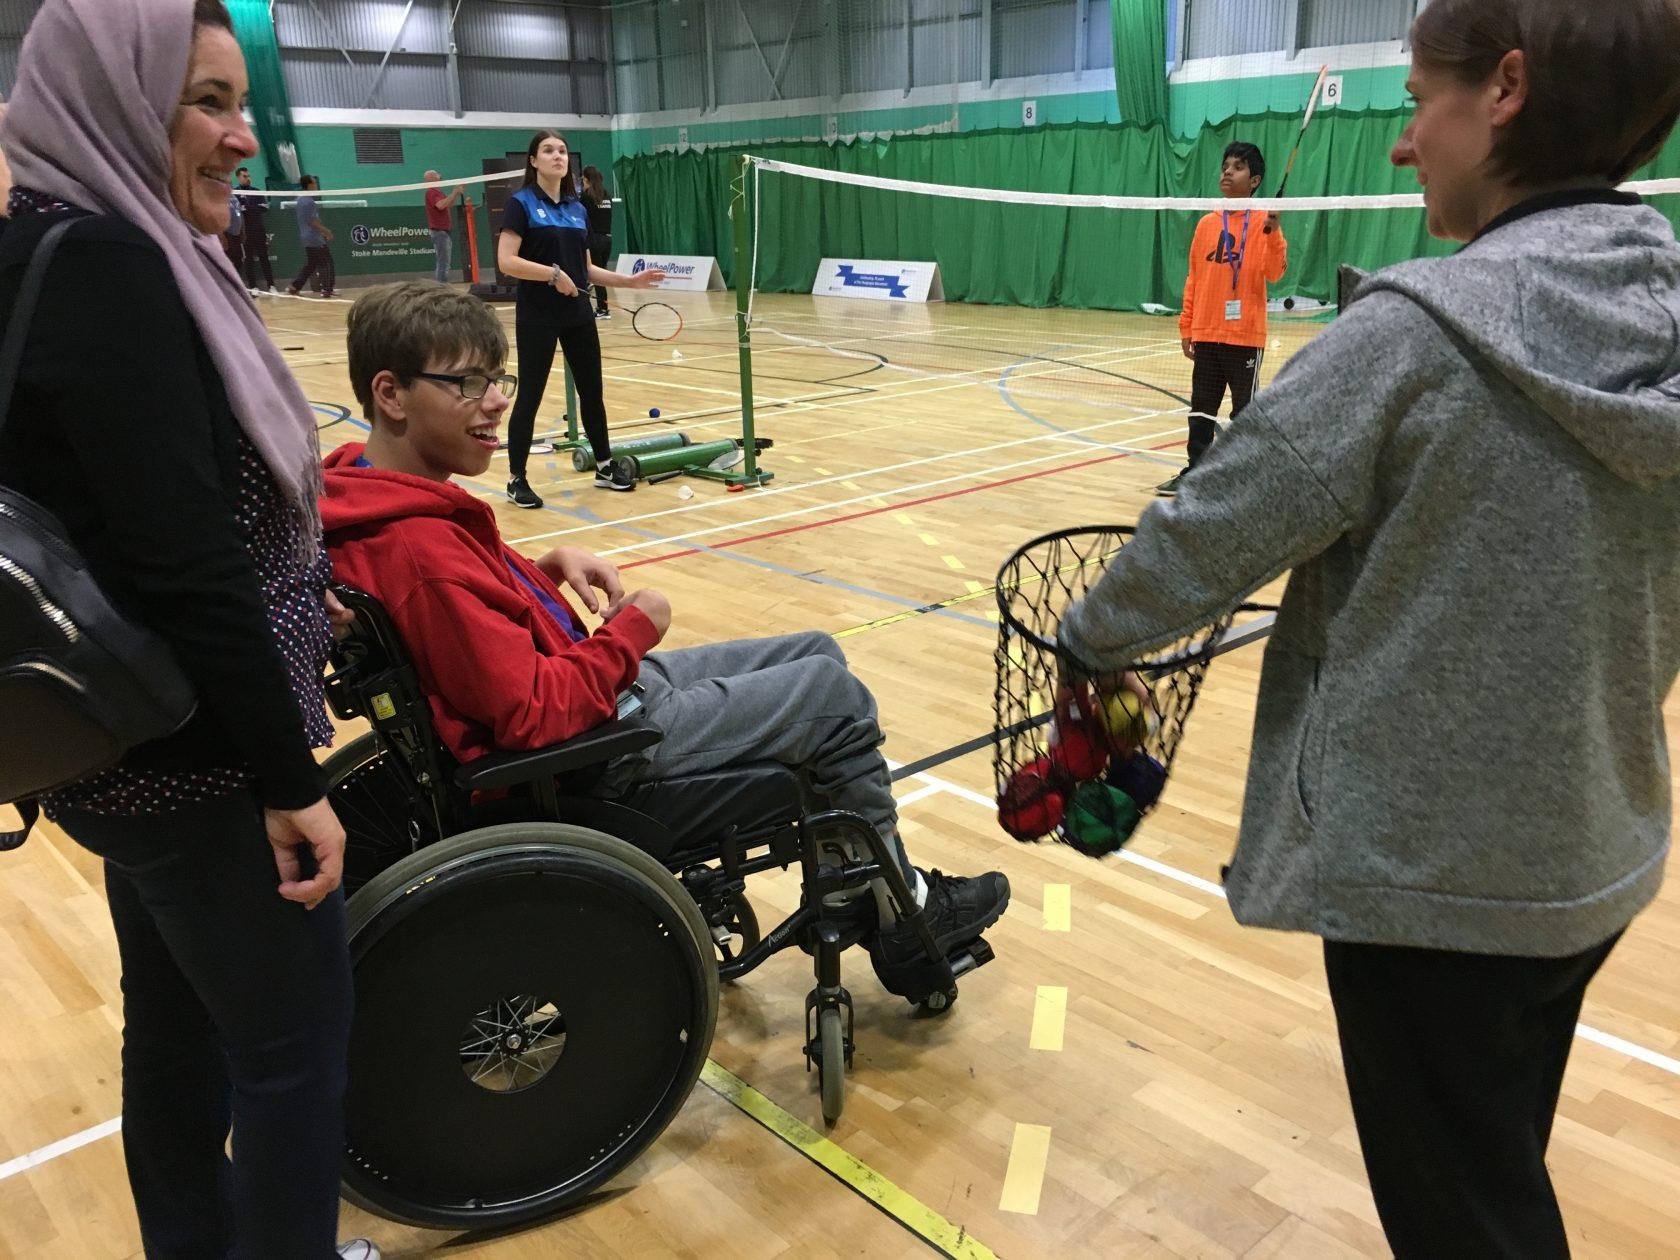 Stoke Mandeville Games